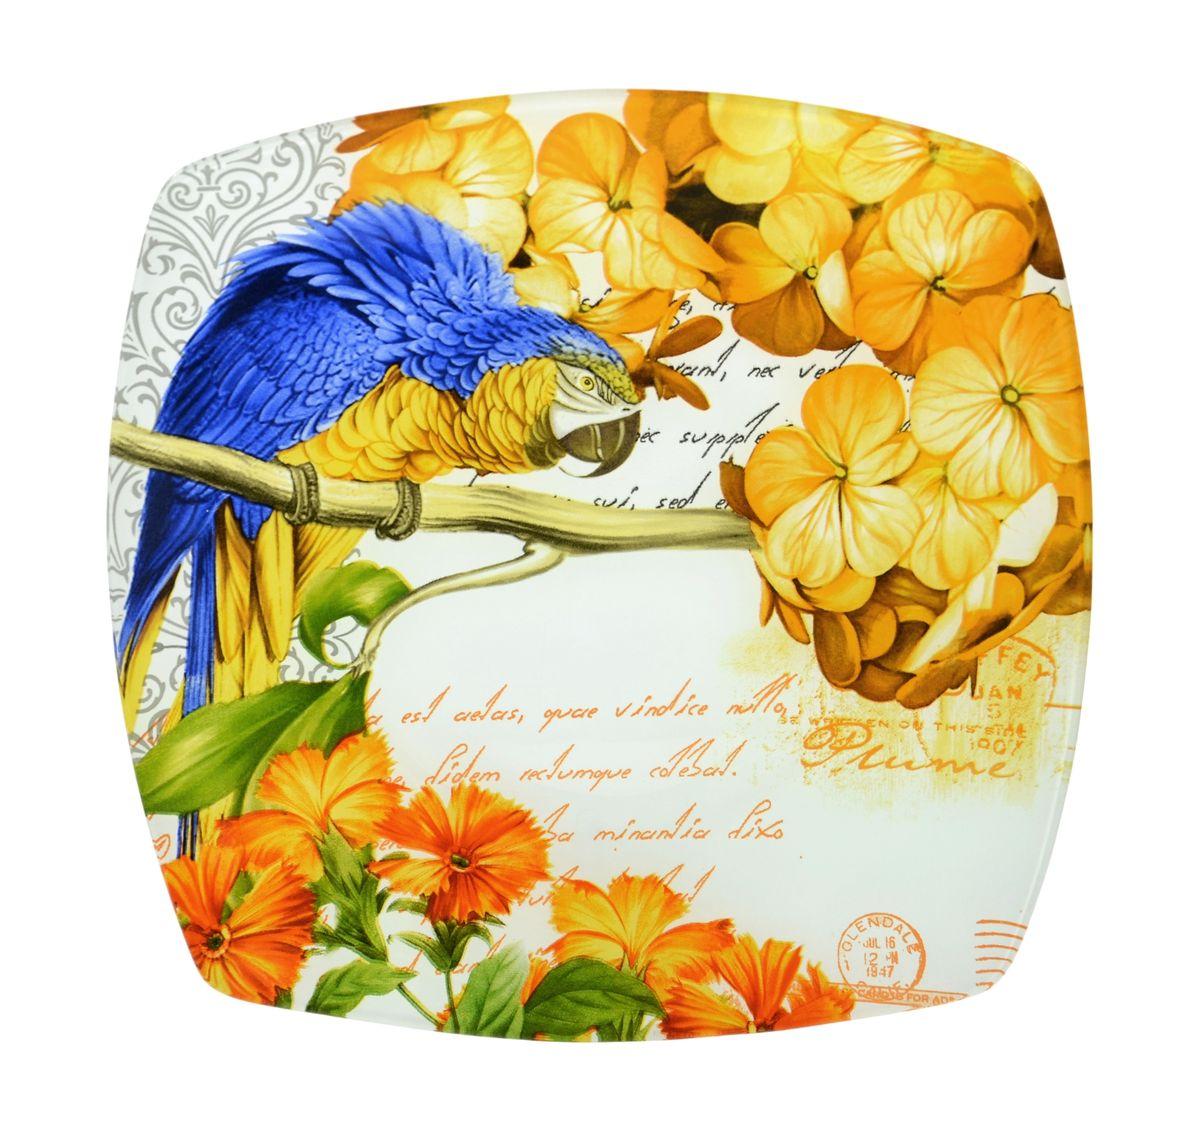 Тарелка Zibo Shelley Попугай, 20 см х 20 смZSPP350008BТарелка Zibo Shelley Попугай изготовлена из высококачественного стекла. Предназначена для красивой подачи различных блюд. Изделие декорировано изображением попугая и цветов. Такая тарелка украсит сервировку стола и подчеркнет прекрасный вкус хозяйки. Не рекомендуется мыть в посудомоечной машине и использовать в СВЧ. Размер тарелки (по верхнему краю): 20 см х 20 см. Высота: 2,5 см.